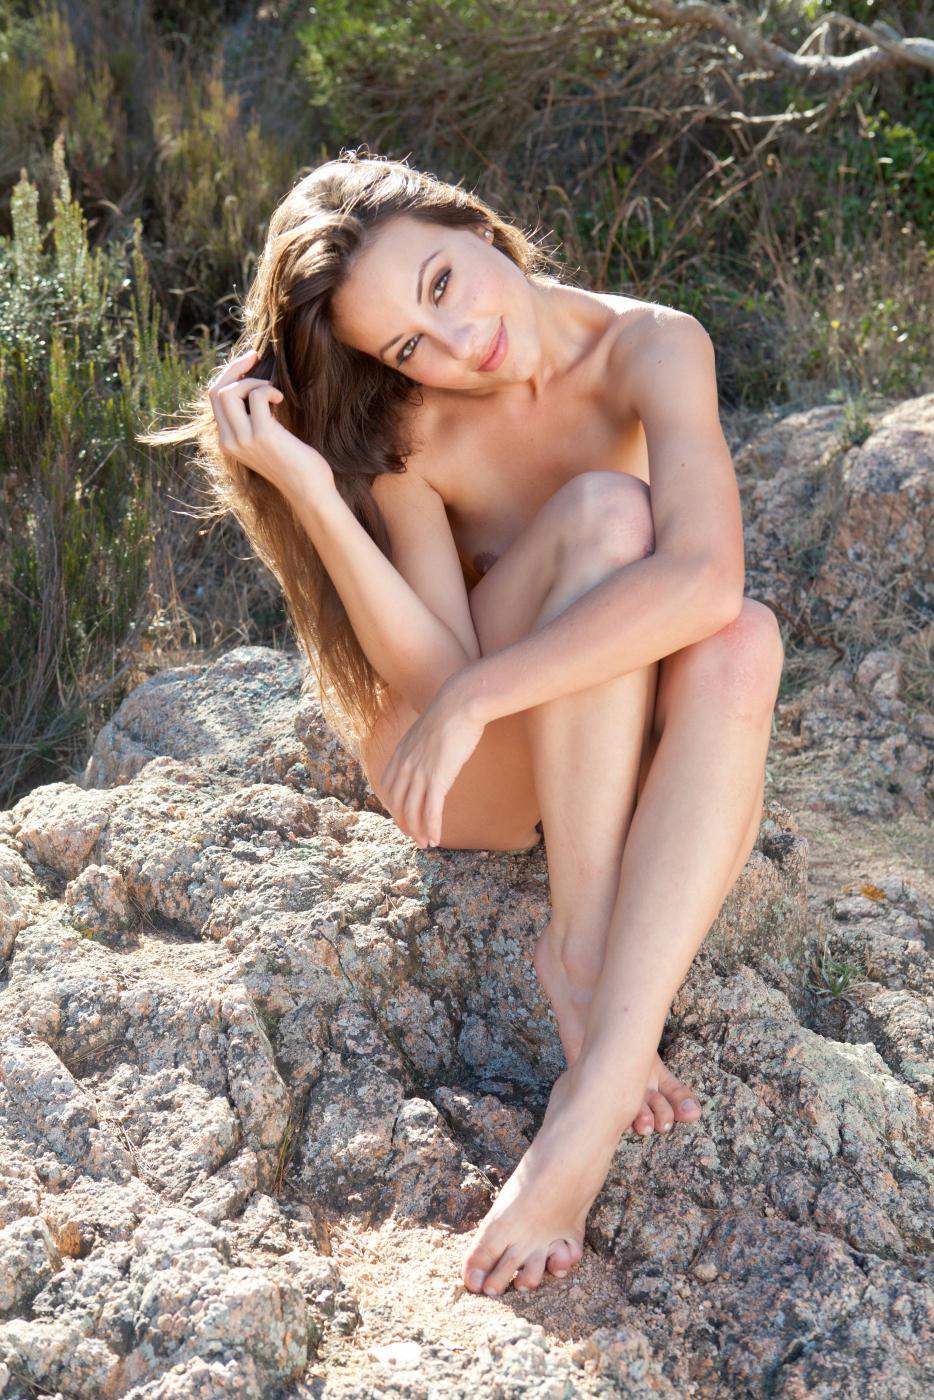 Нагая мулатка Lorena Morena позирует и демонстрирует пушистые губки пезды